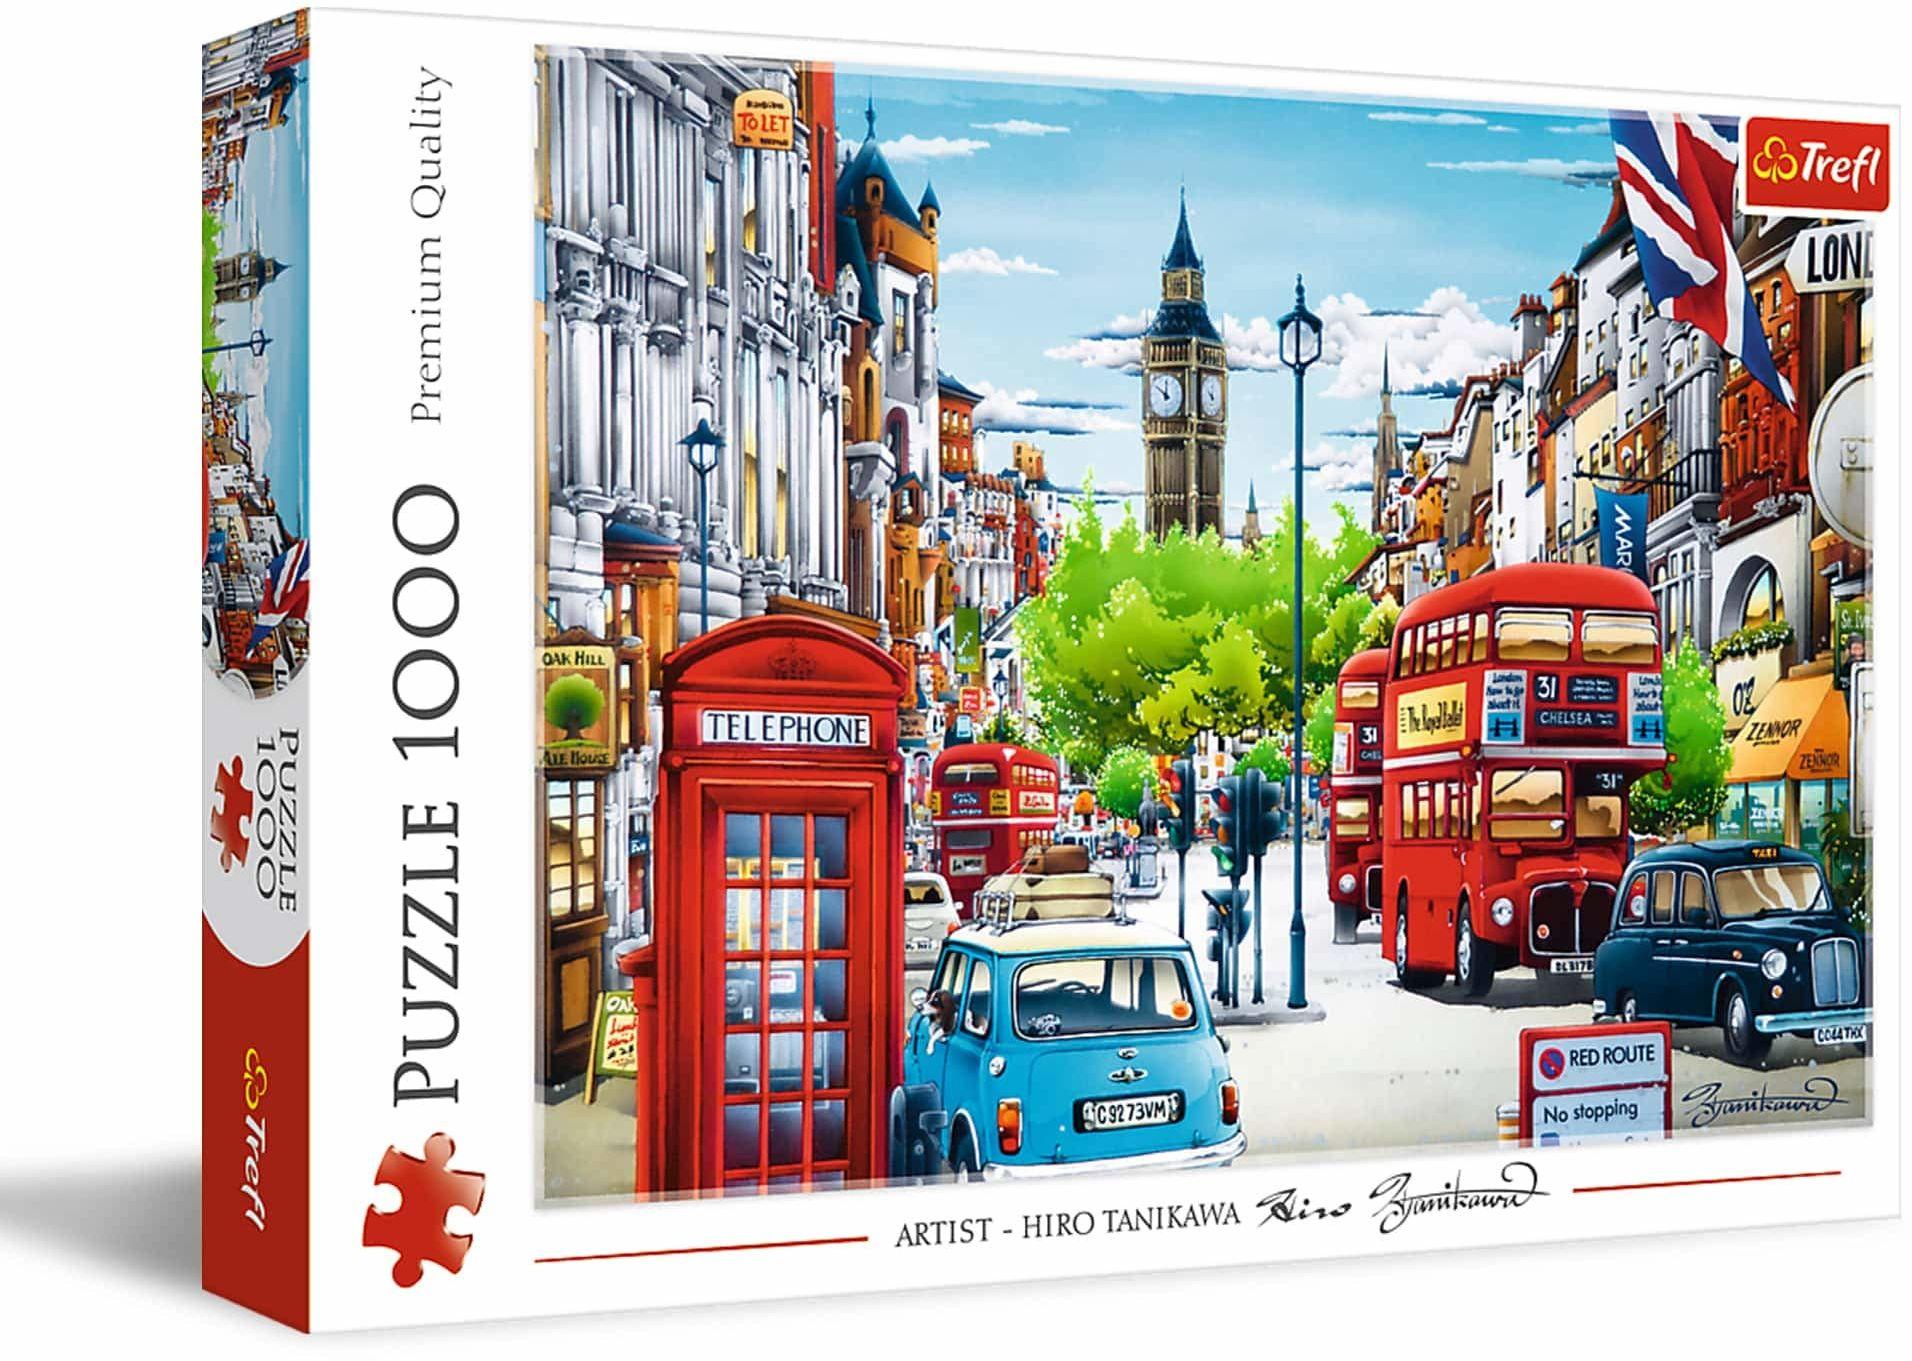 Trefl - Ulica Londynu - 1000 Elementów, Miasto, Widok na Ulicę Londynu, Anglia, Big Ben, Budynek, Układanka DIY, Kreatywna Rozrywka, Prezent, Zabawa, Puzzle Klasyczne dla Dorosłych i Dzieci od 12 Lat